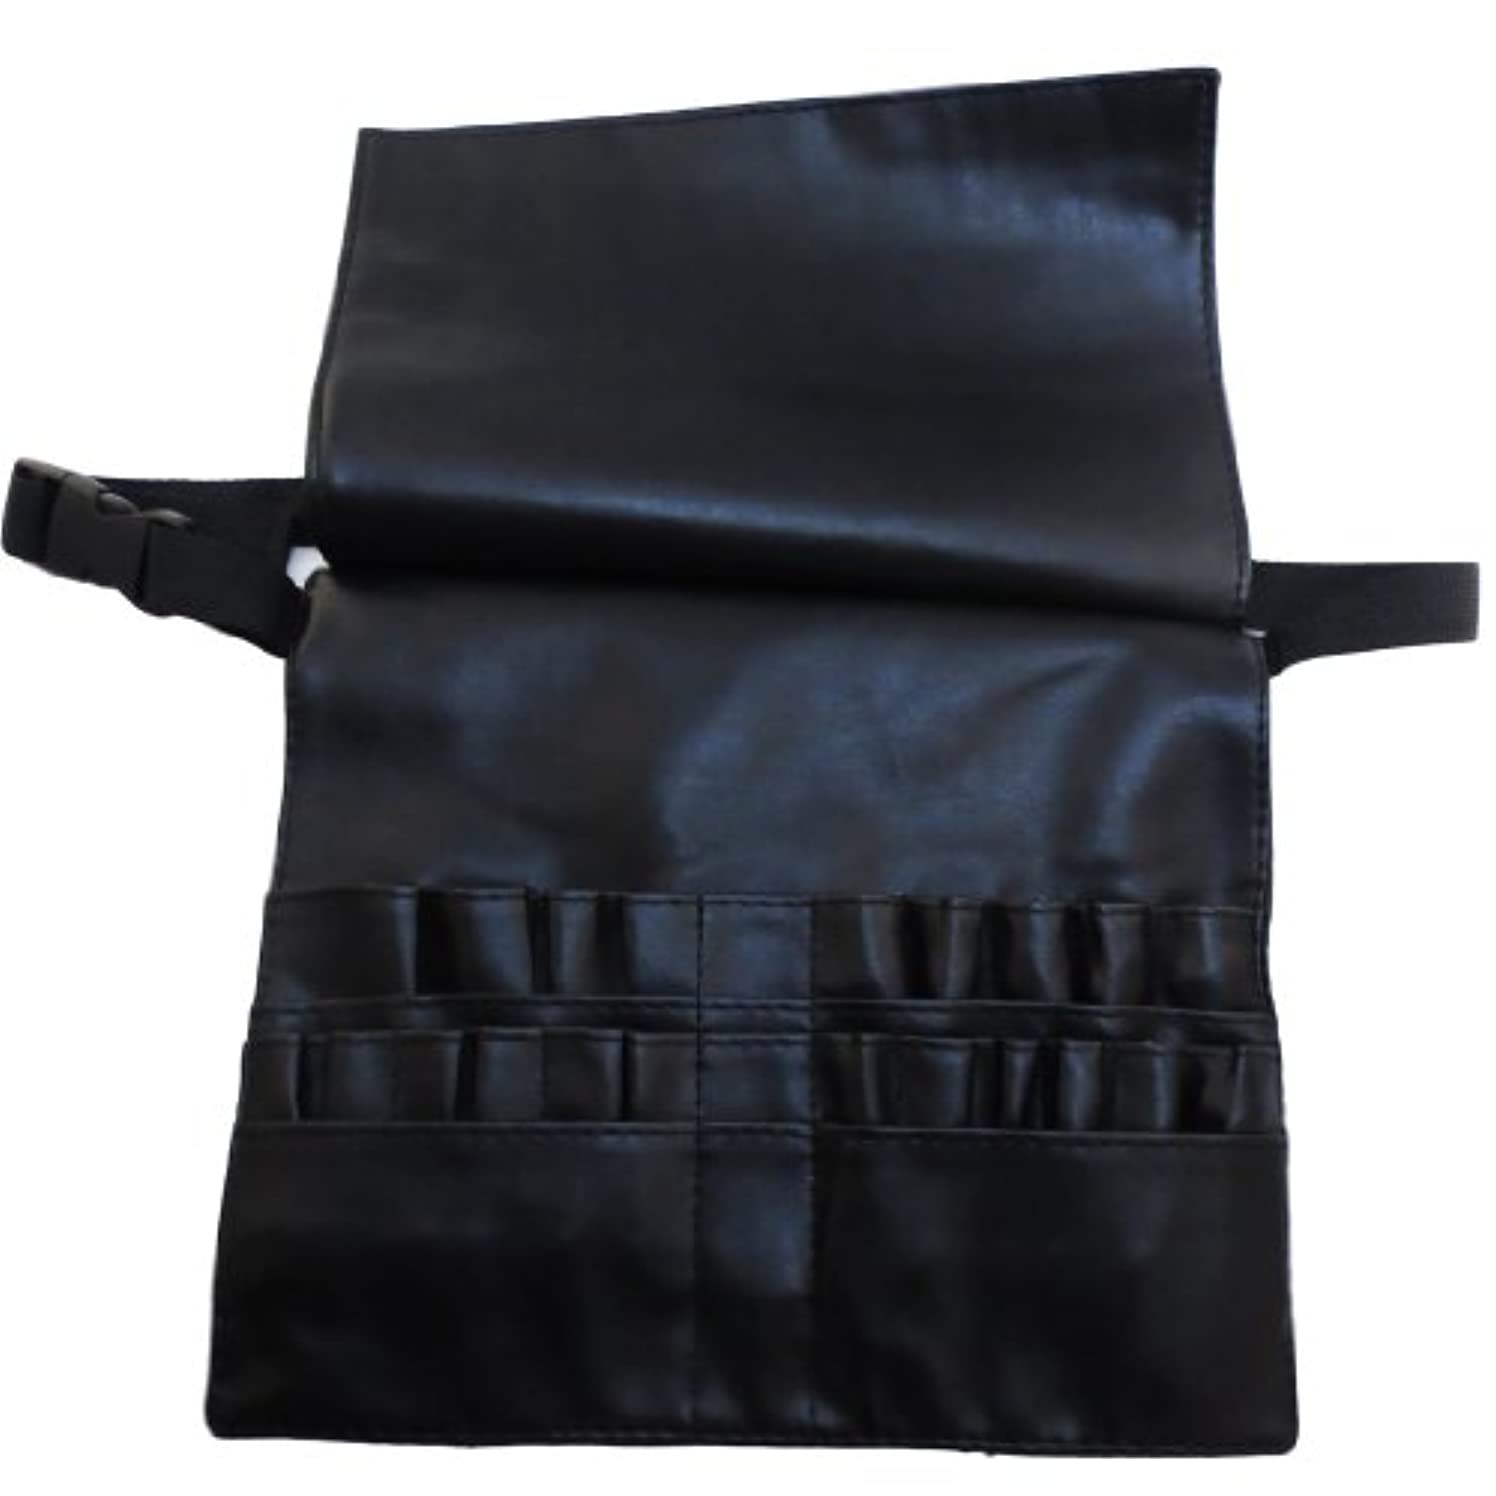 研究キャリアさせる[モノジー] MONOZY メイクブラシ ケース 蓋付き プロ用 腰巻き メイク バッグ カラビナ セット